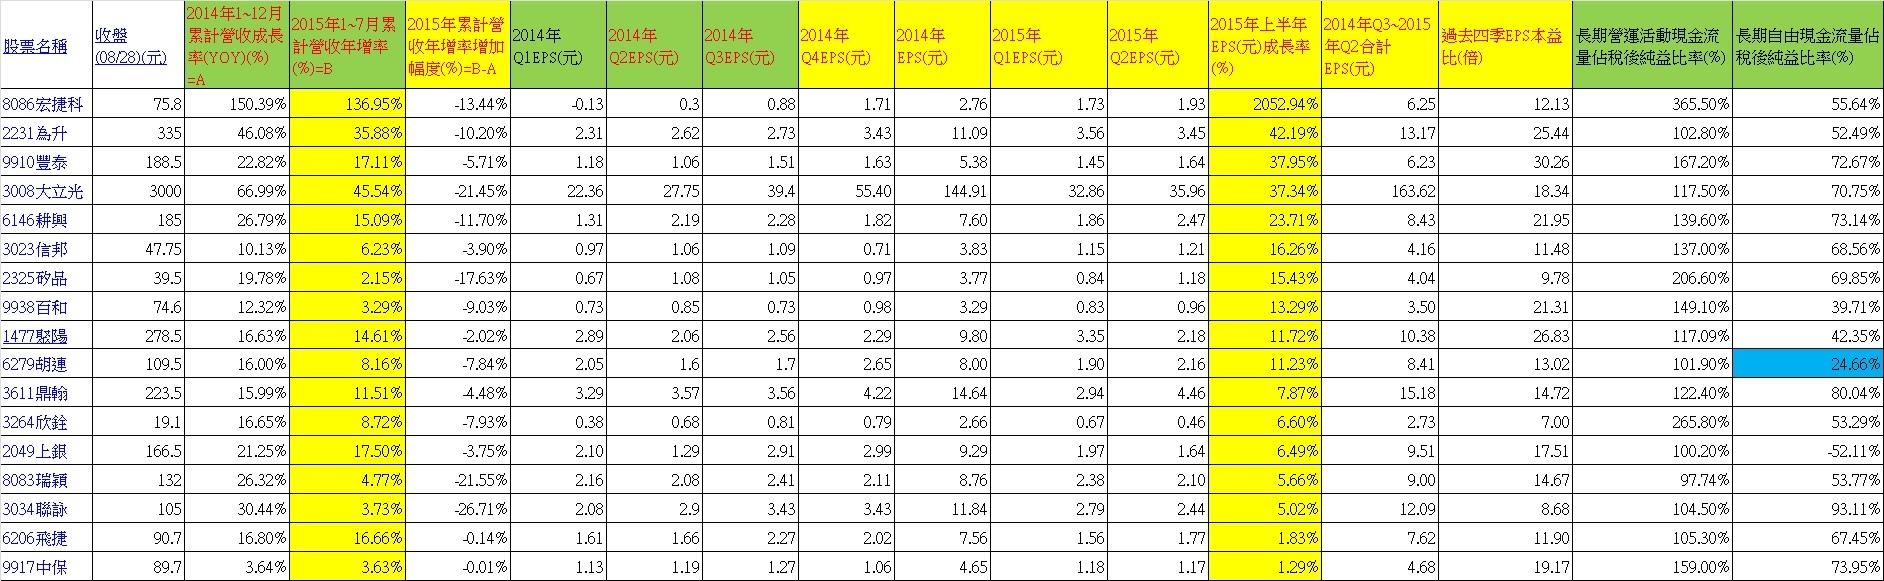 20150830 ~2015觀察股名單中1~7月累計營收正成長但低於2014年營收成長率之公司~1